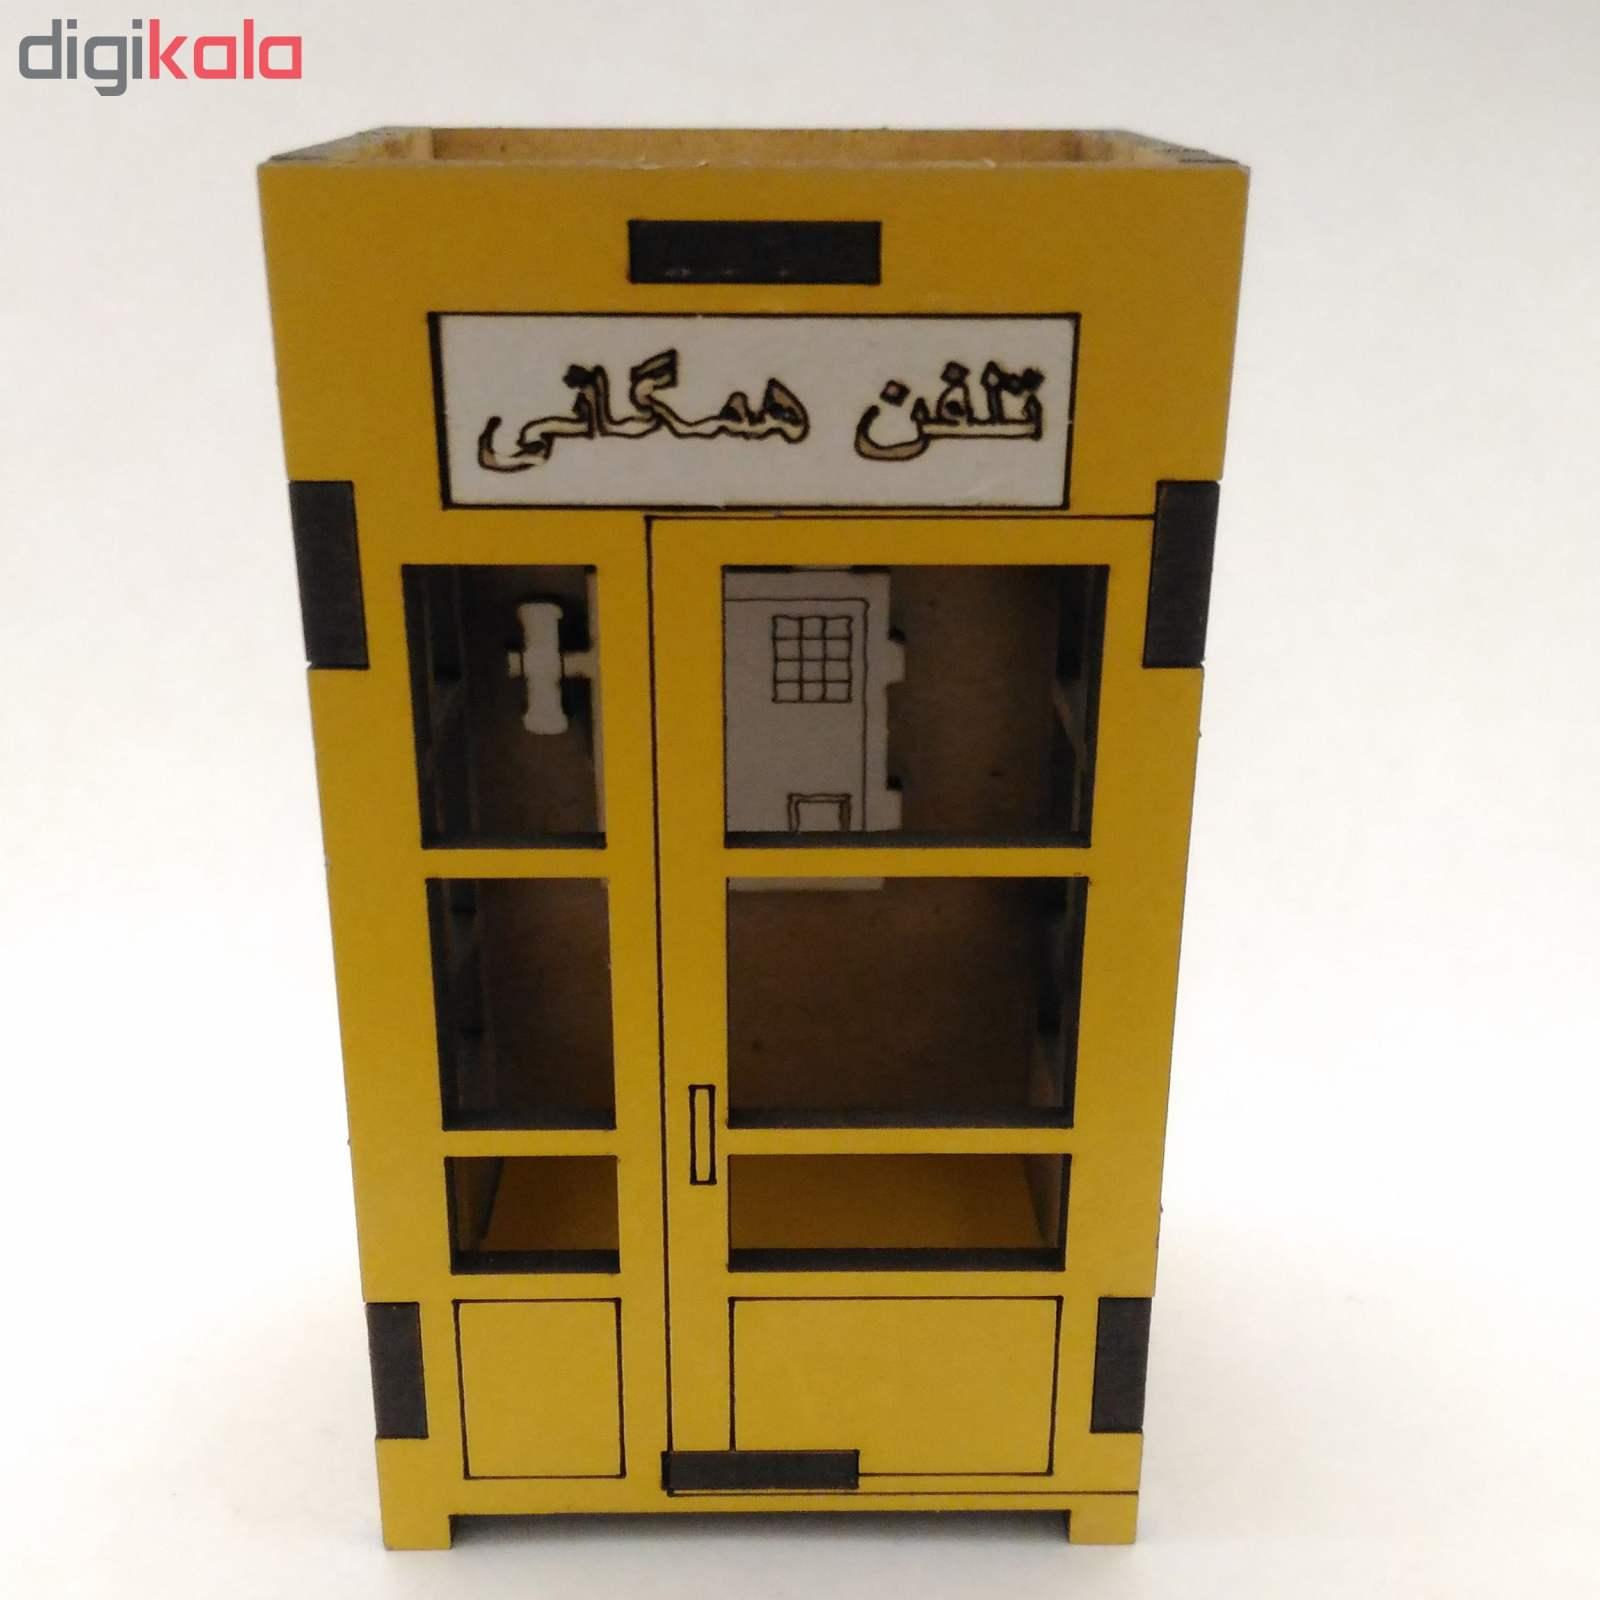 ماکت دکوری باجه تلفن همگانی کد ck009 main 1 2